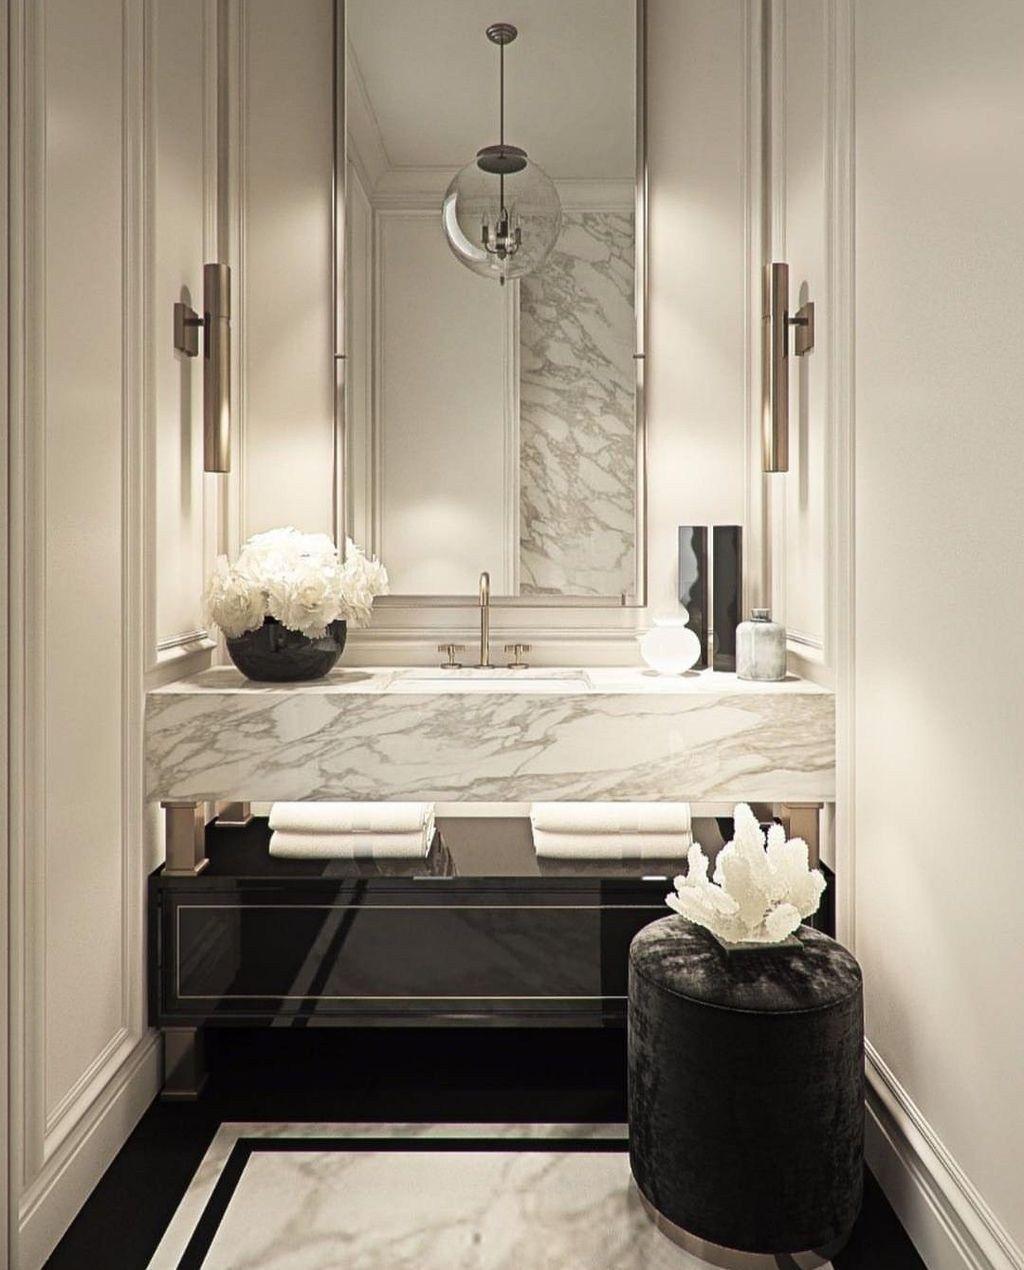 36 Fascinating Powder Room Decoating Ideas Luvlydecora In 2020 Pulver Raumgestaltung Badezimmer Einrichtung Und Badezimmer Innenausstattung